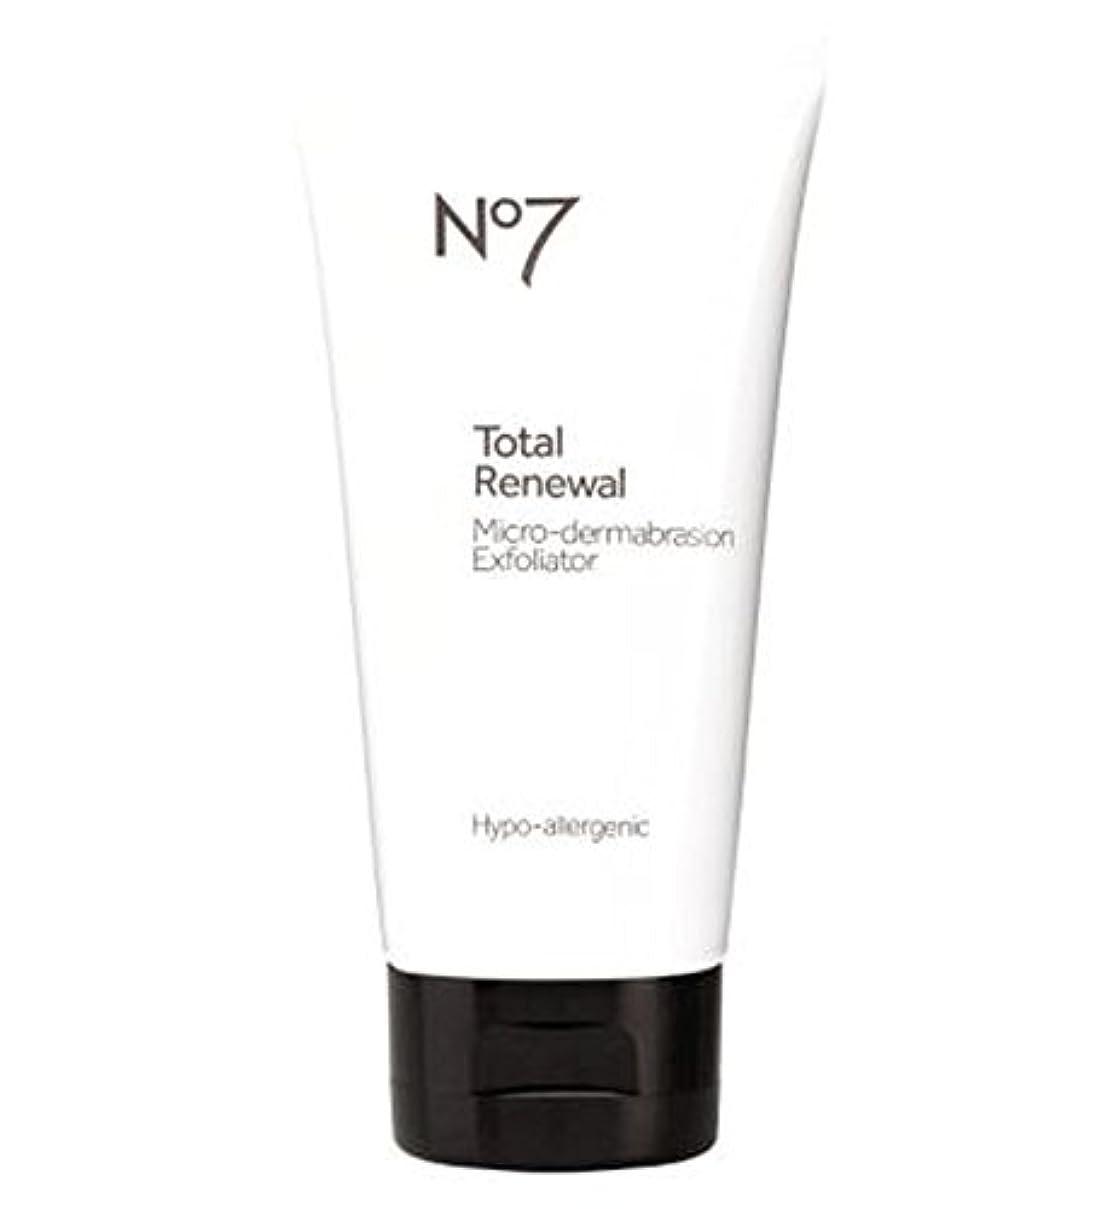 舞い上がる漫画かわいらしいNo7総リニューアルマイクロ皮膚剥離面エクスフォリエーター (No7) (x2) - No7 Total Renewal Micro-dermabrasion Face Exfoliator (Pack of 2) [並行輸入品]